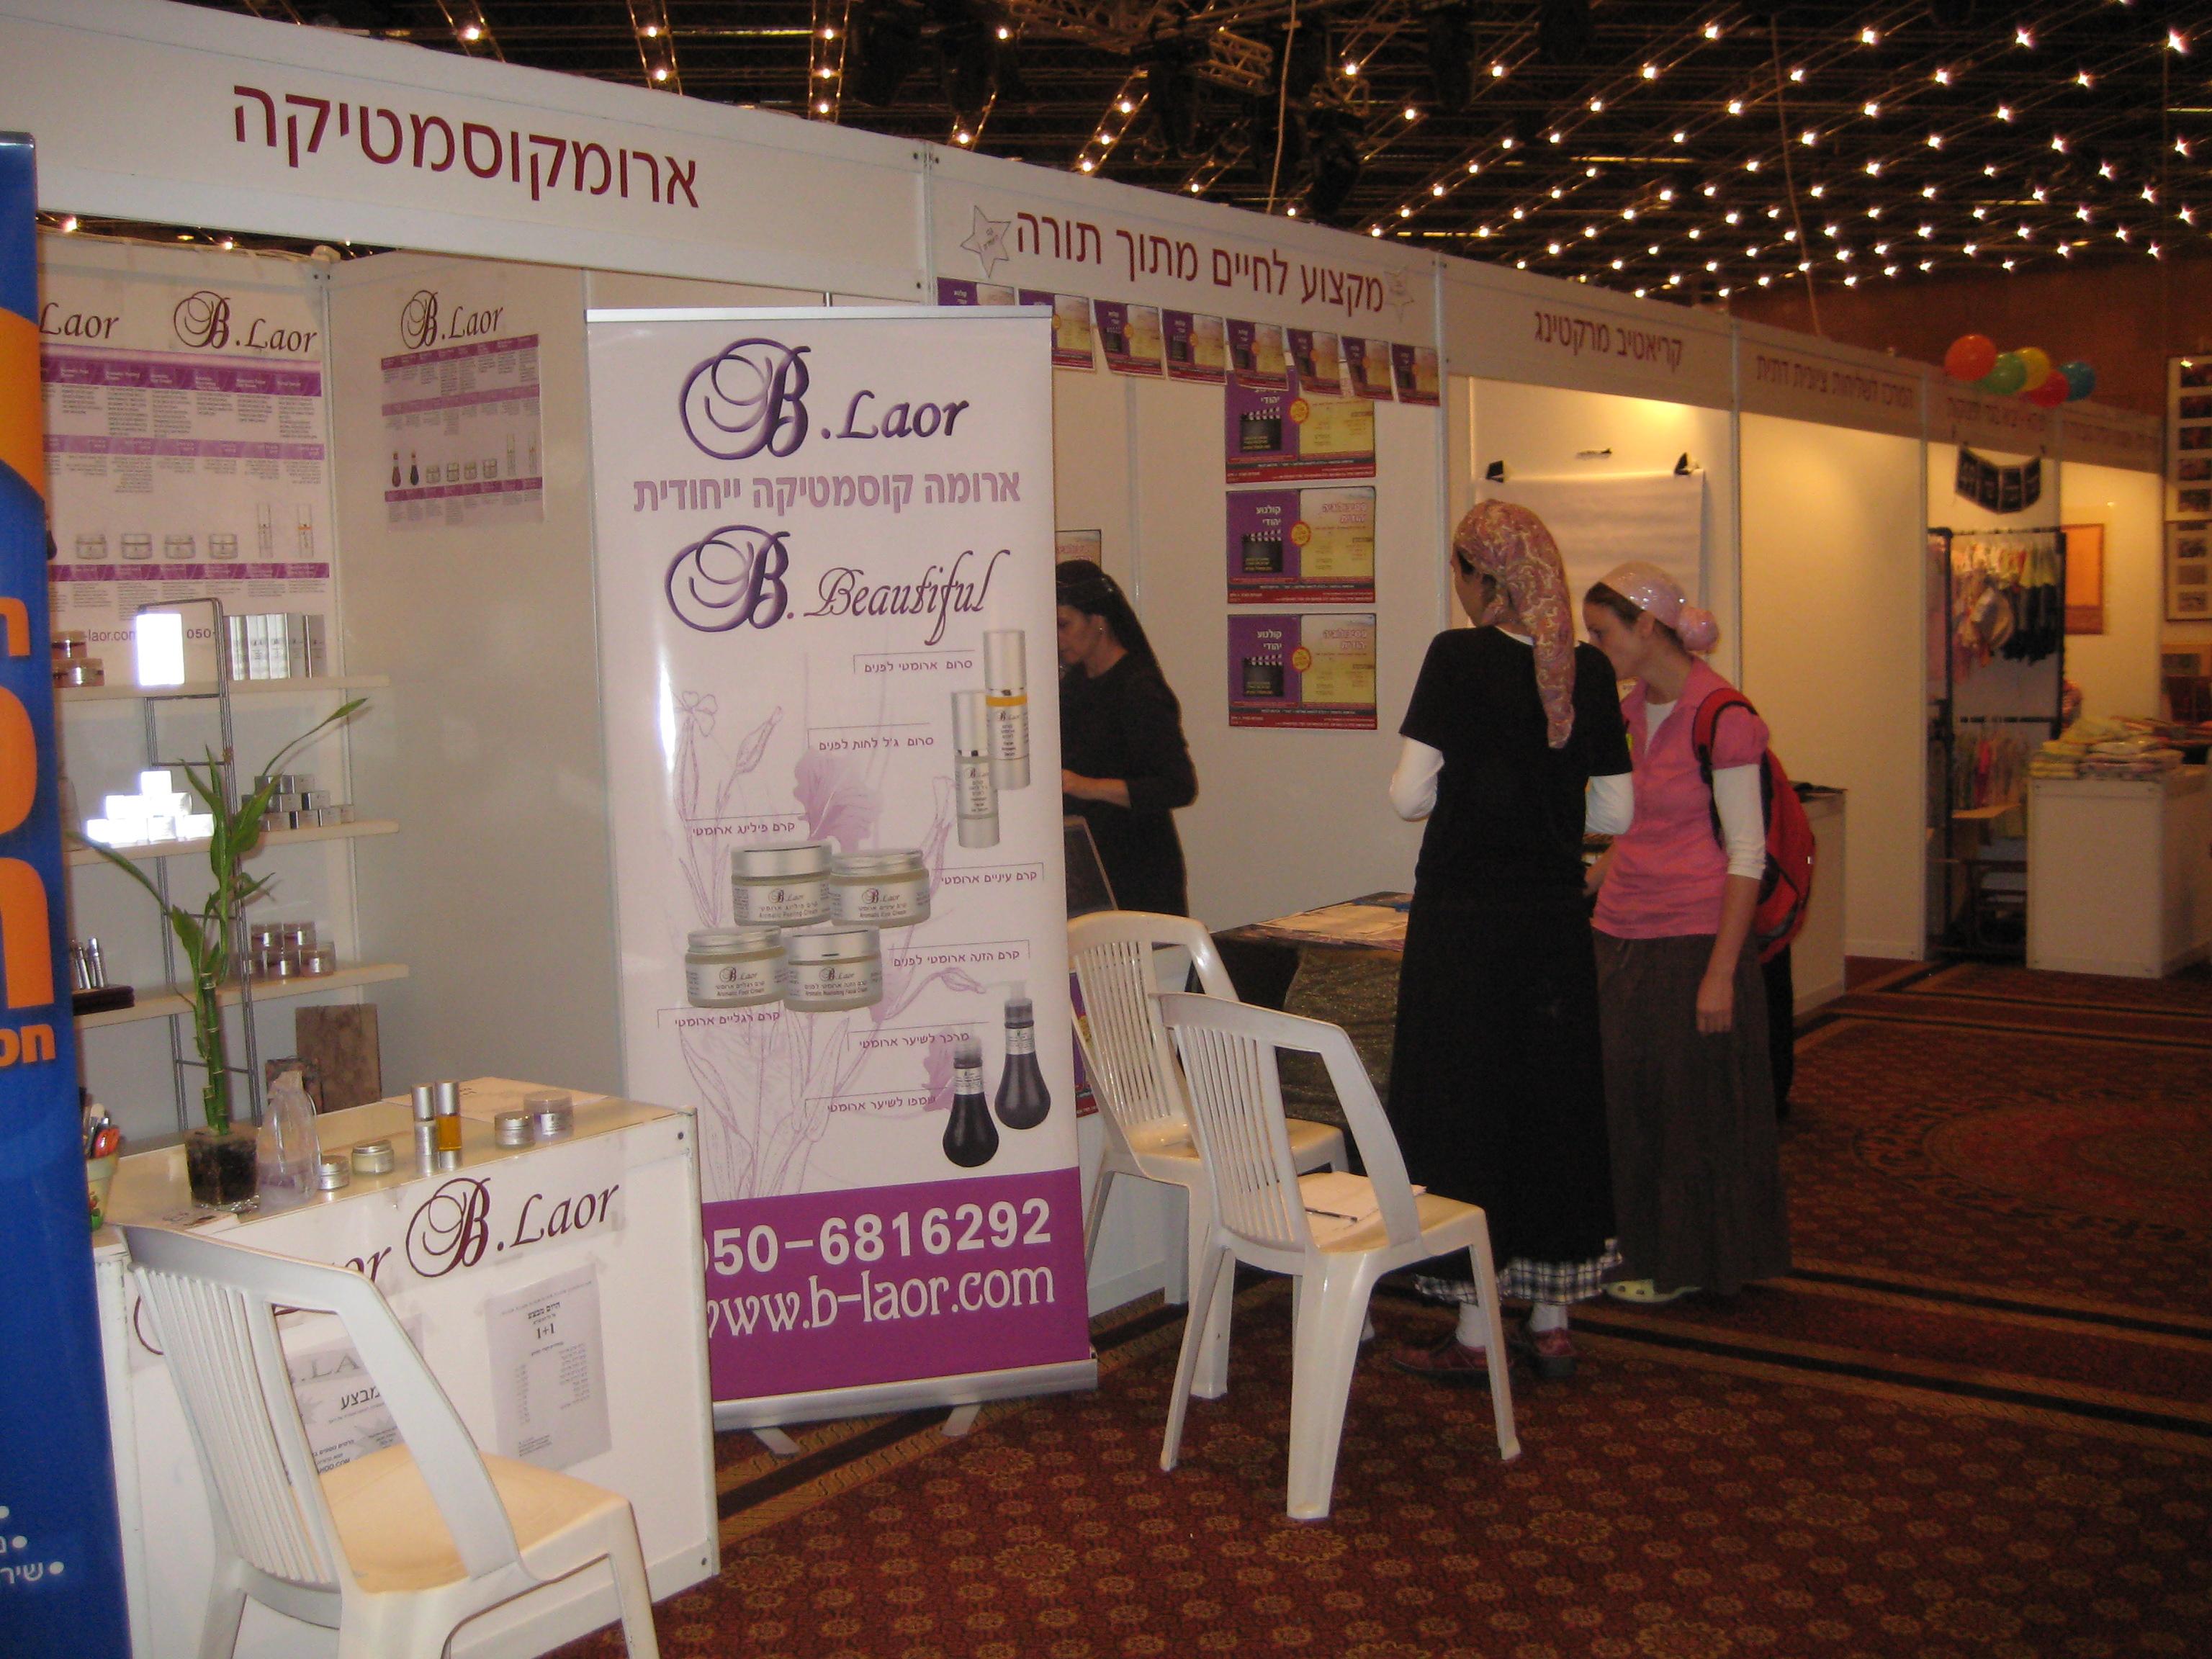 תערוכה בבית וגן בירושלים למגזר החרדי